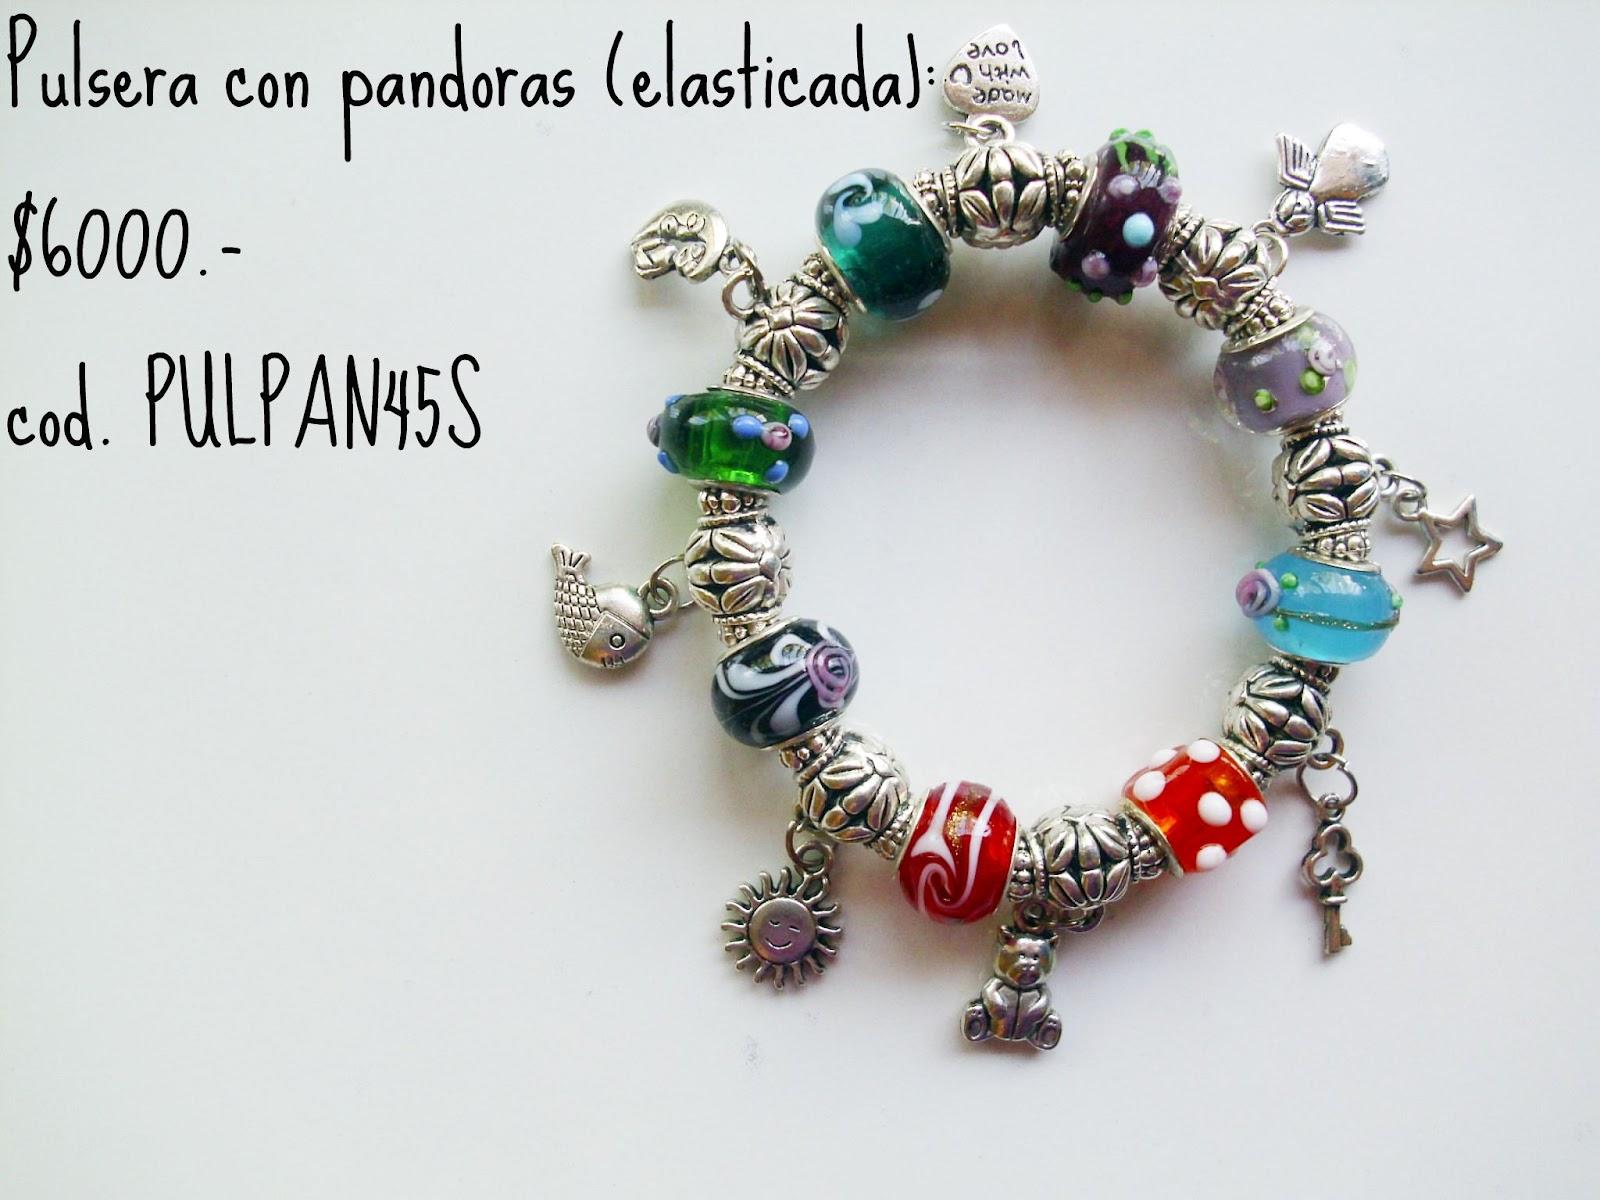 407cc6c1559f Pulseras Pandora Catalogo Peru